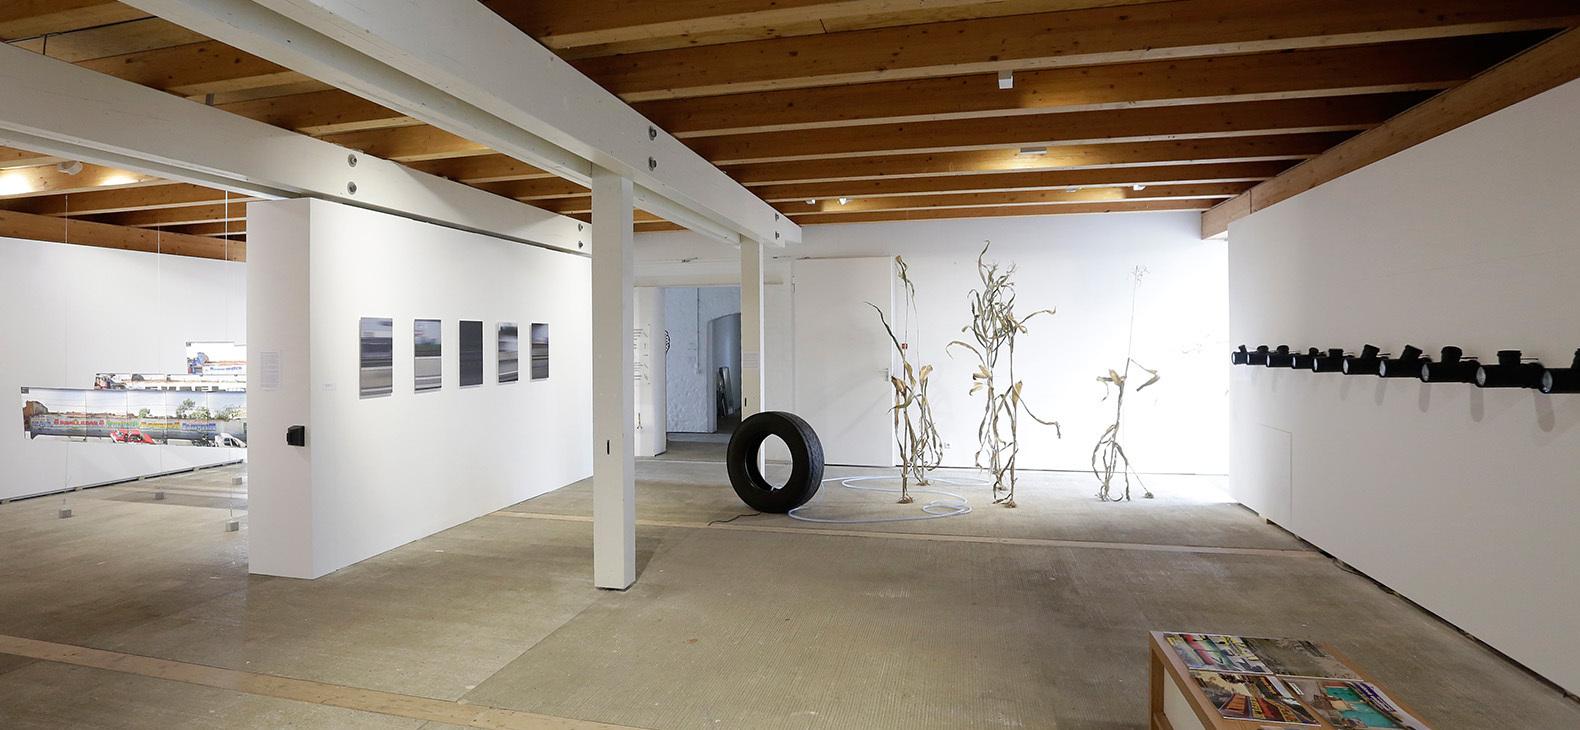 Ausstellung Fokus Europa I - Blick in die Galerie im Erdgeschoss